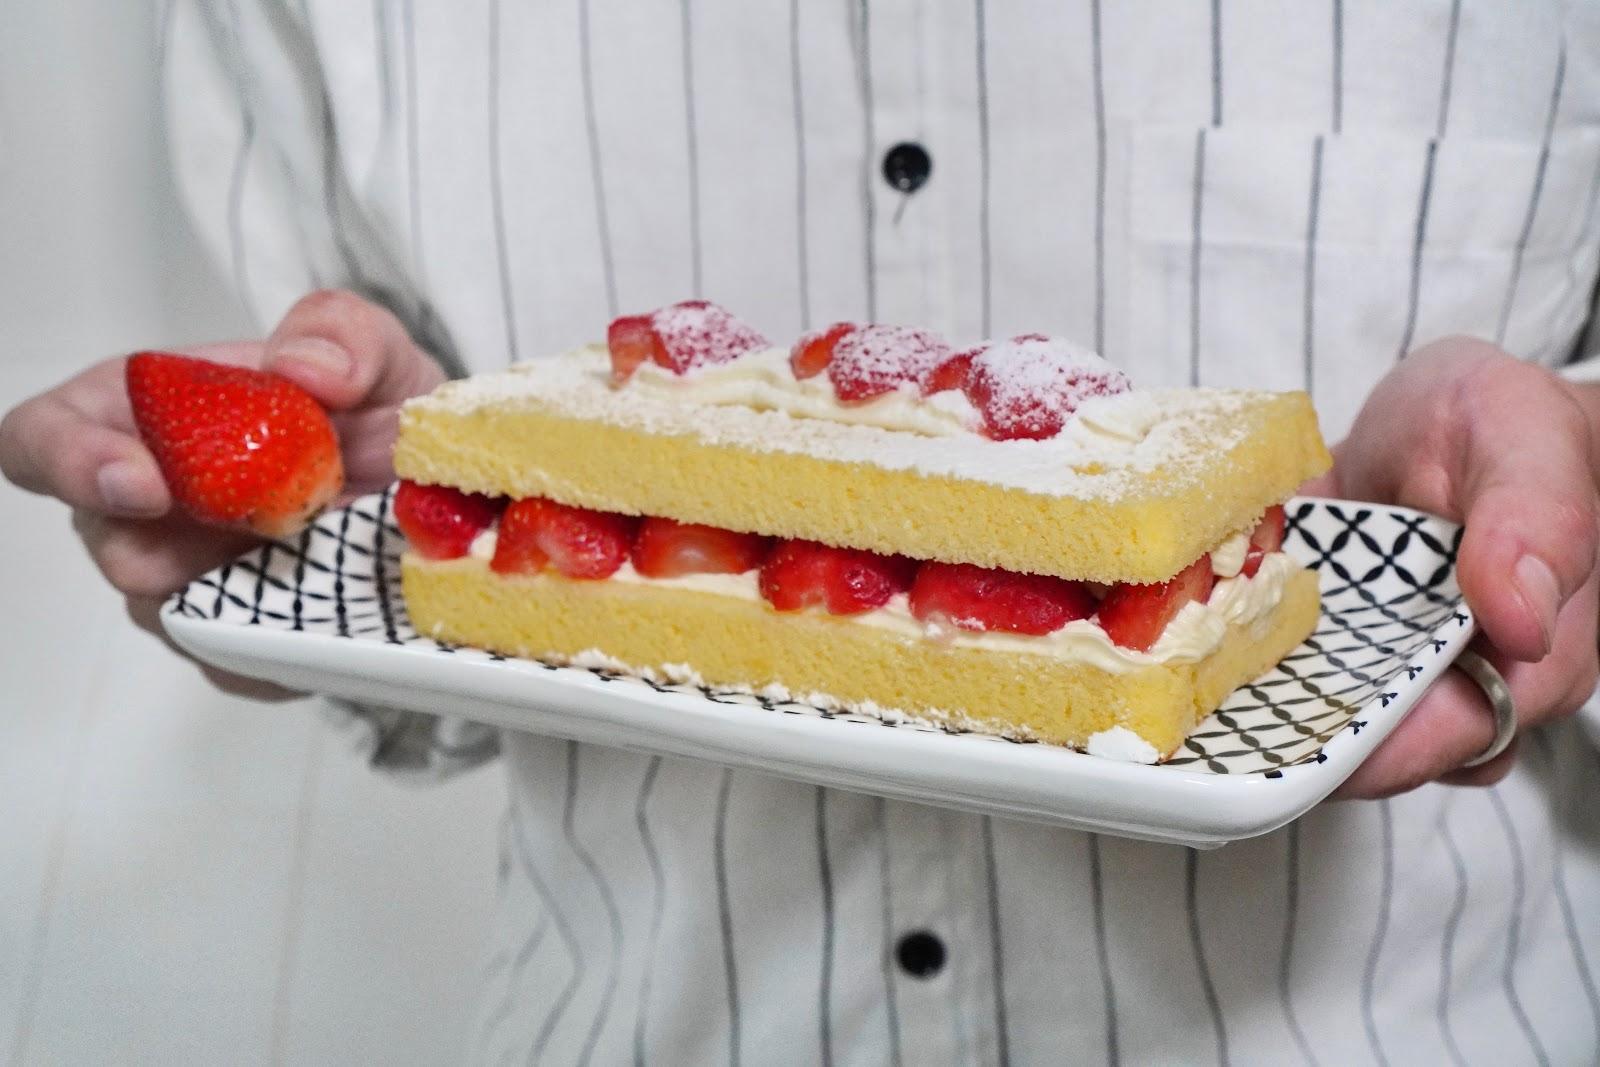 台南中西區美食【橘香合-蛋糕職人】雪戀莓古早味蛋糕